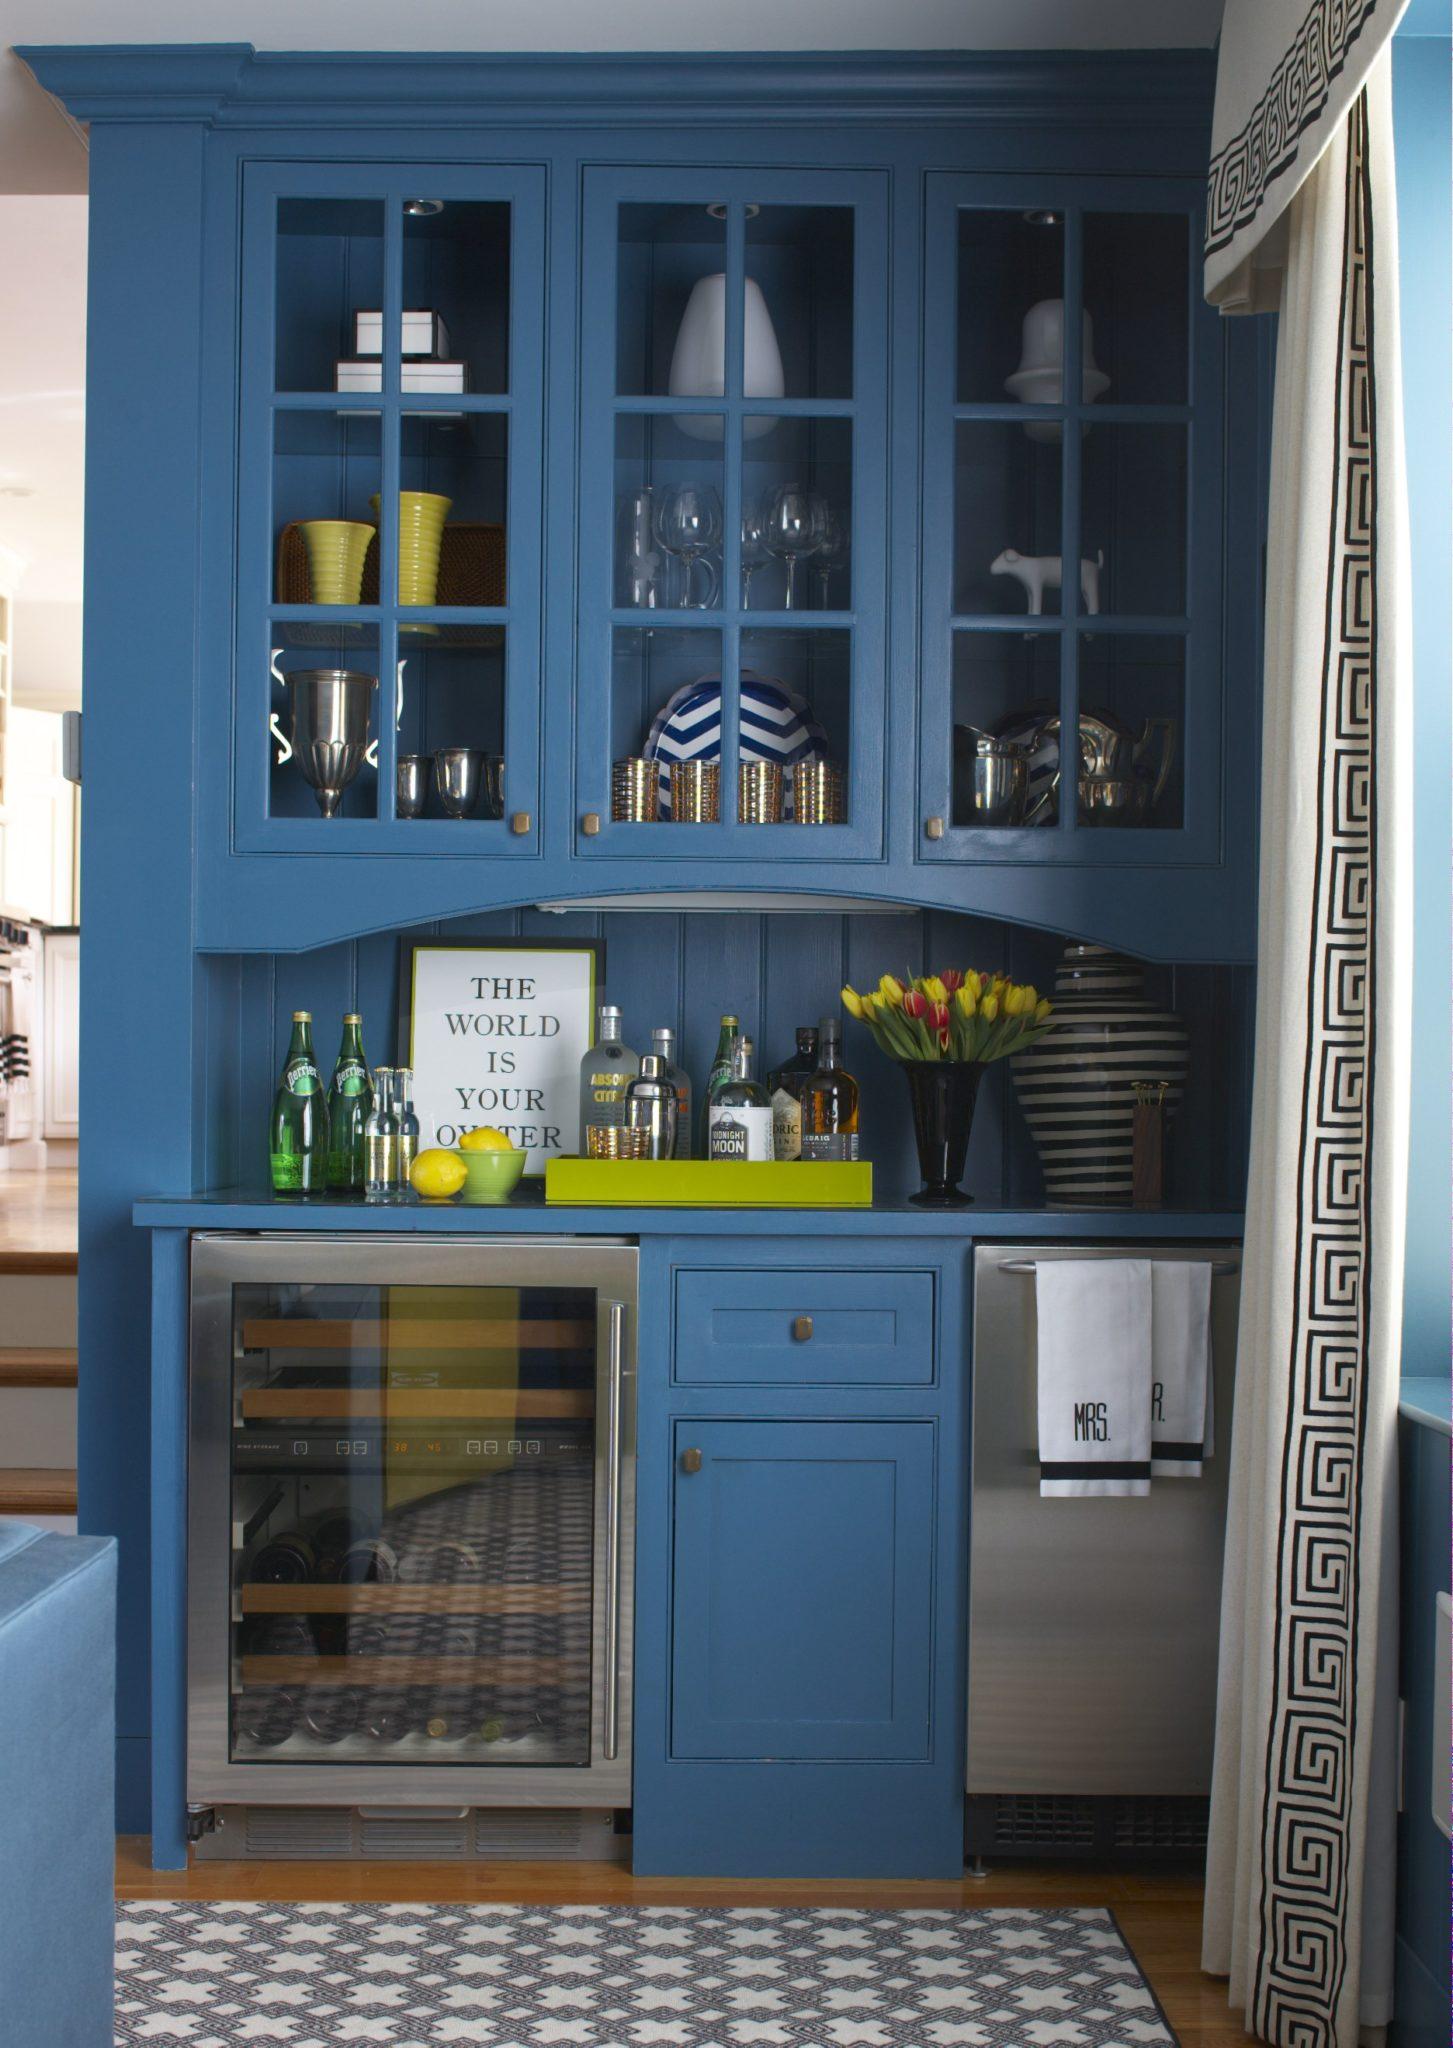 Living Room Bar Area by Liz Caan & Co.